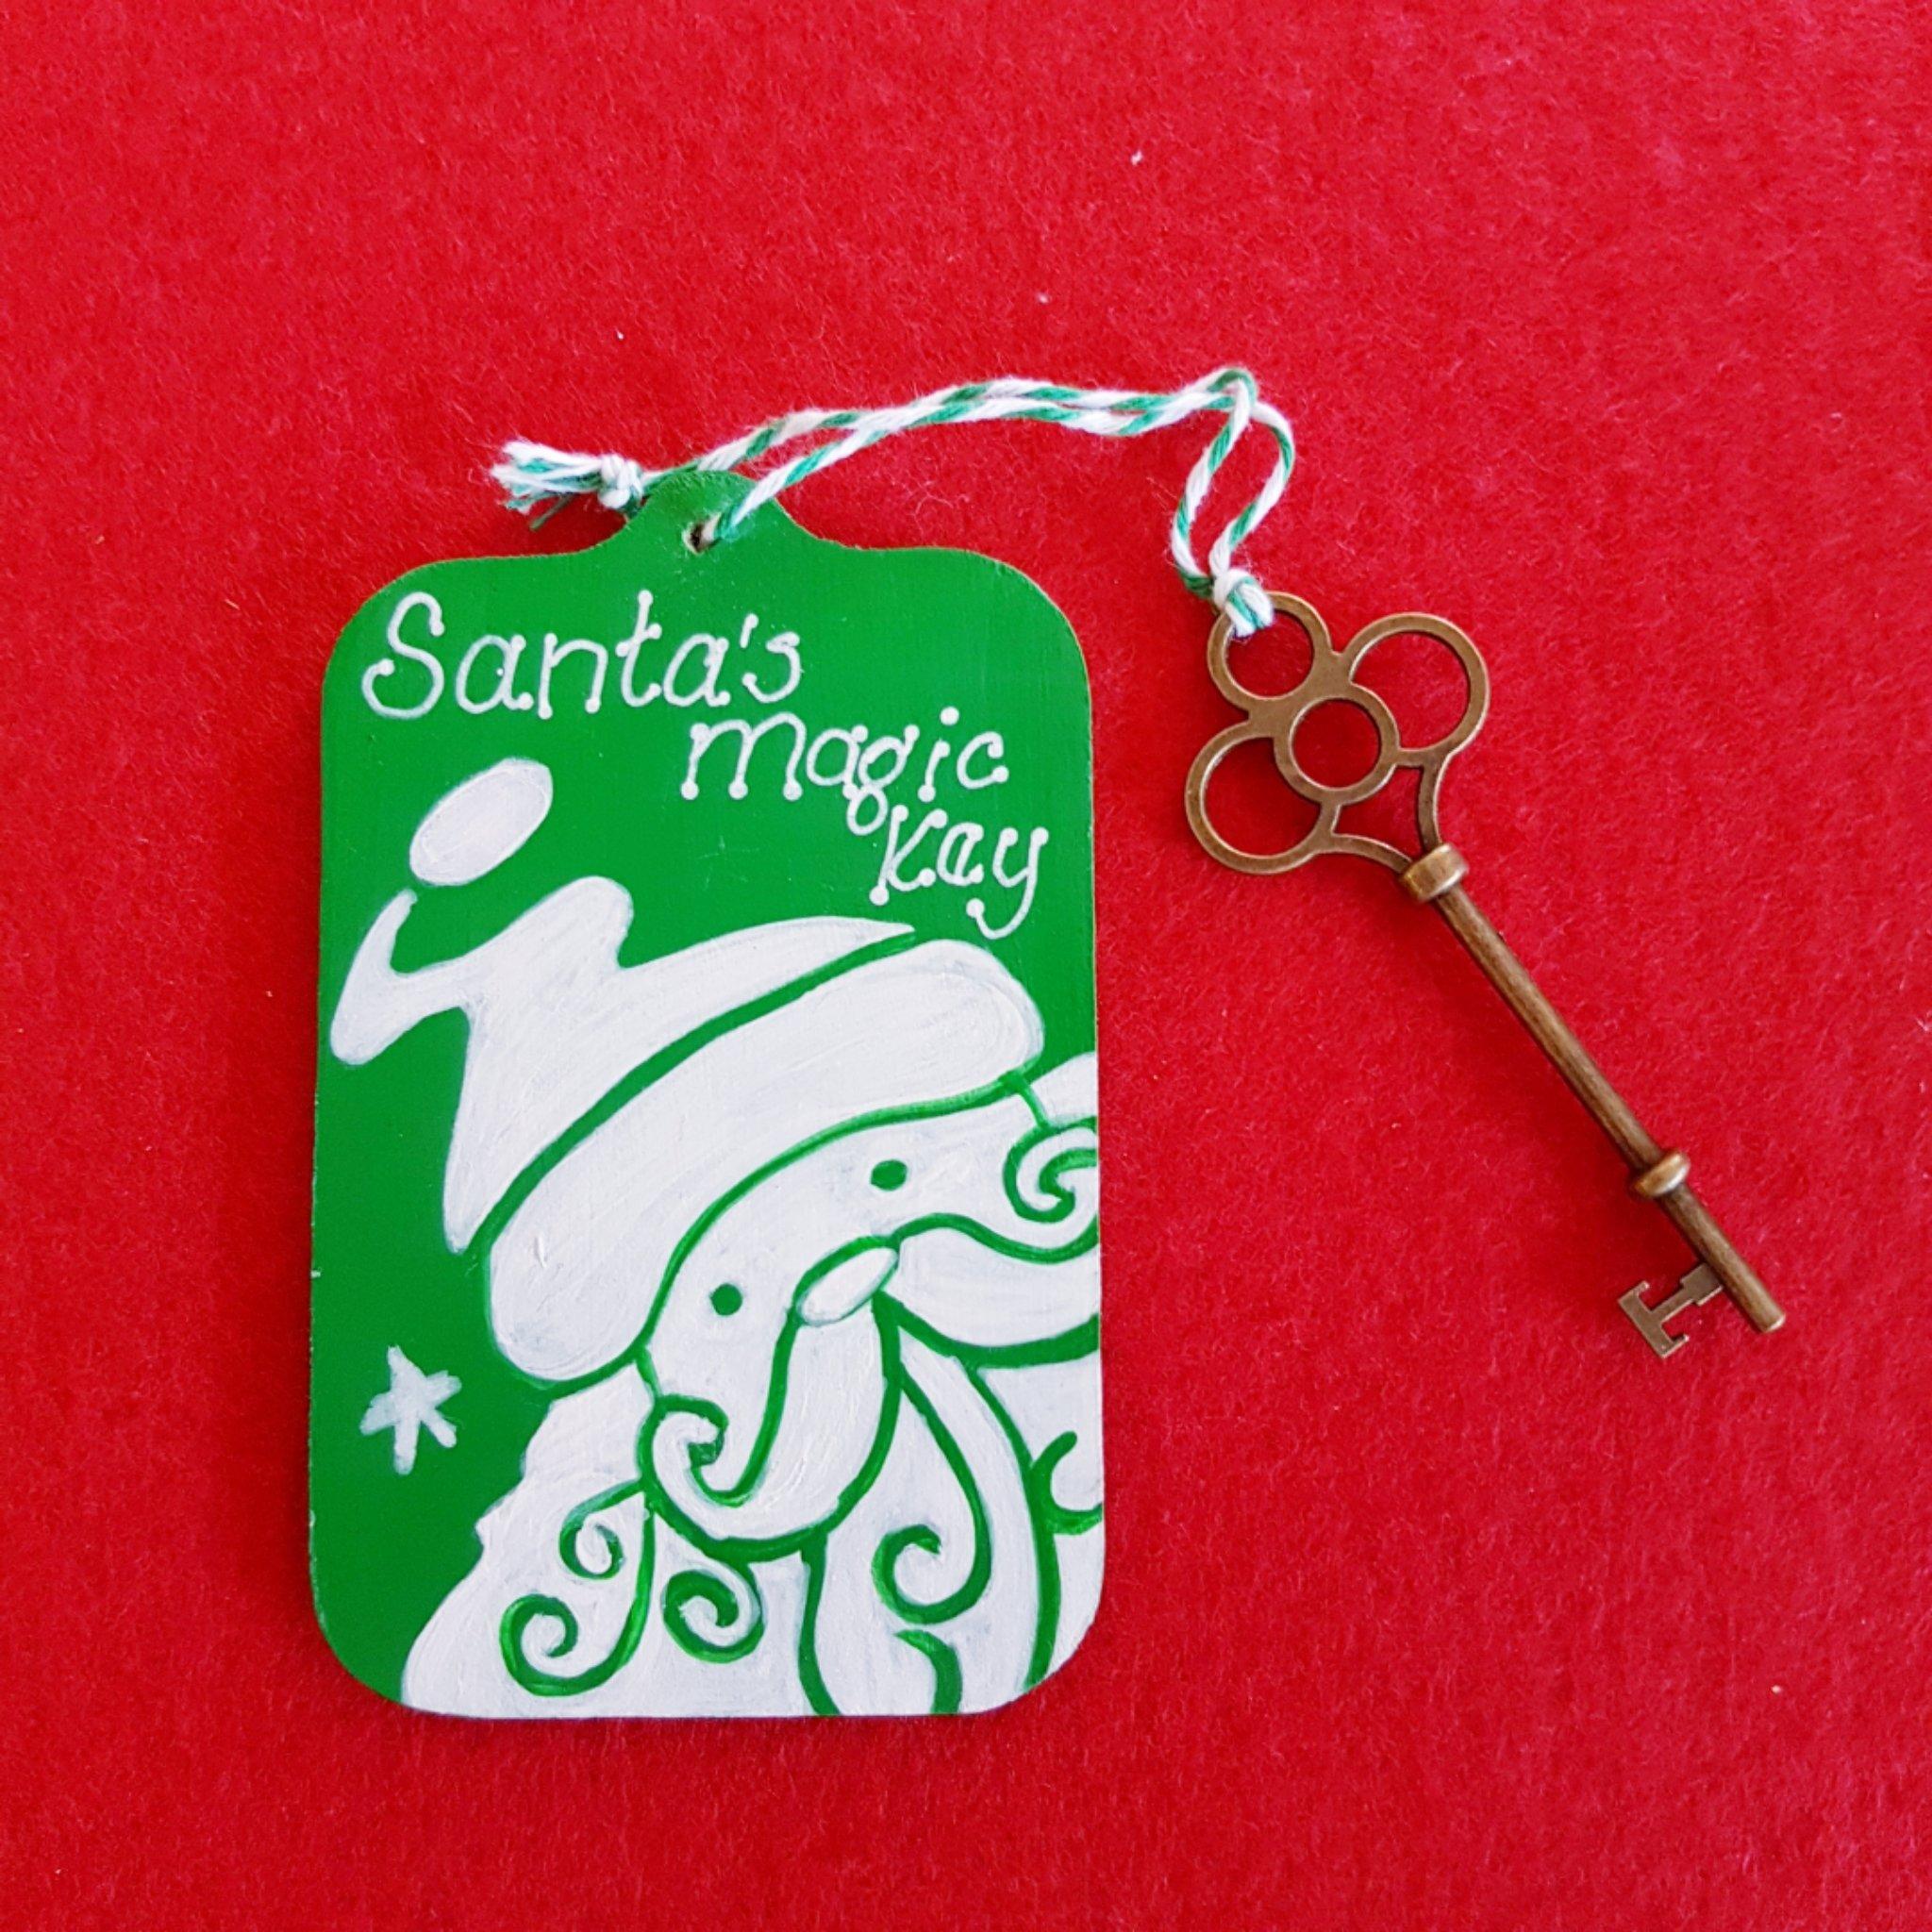 Santas magic key 00287